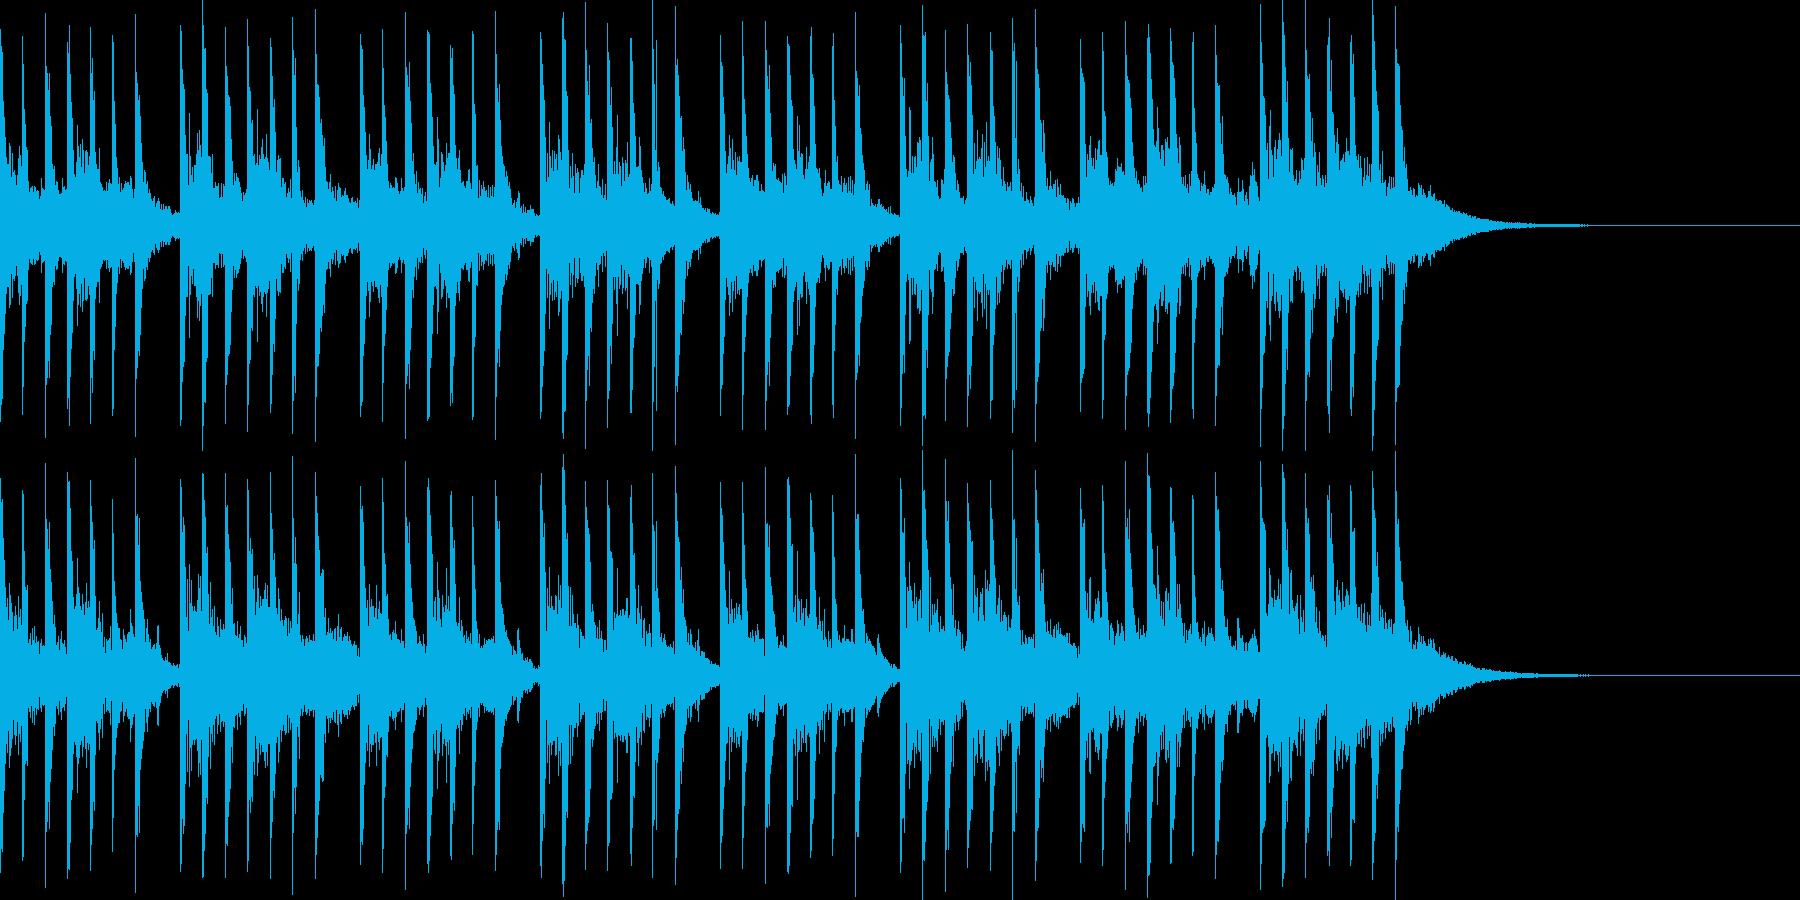 80年代風の明るいテクノポップジングルの再生済みの波形